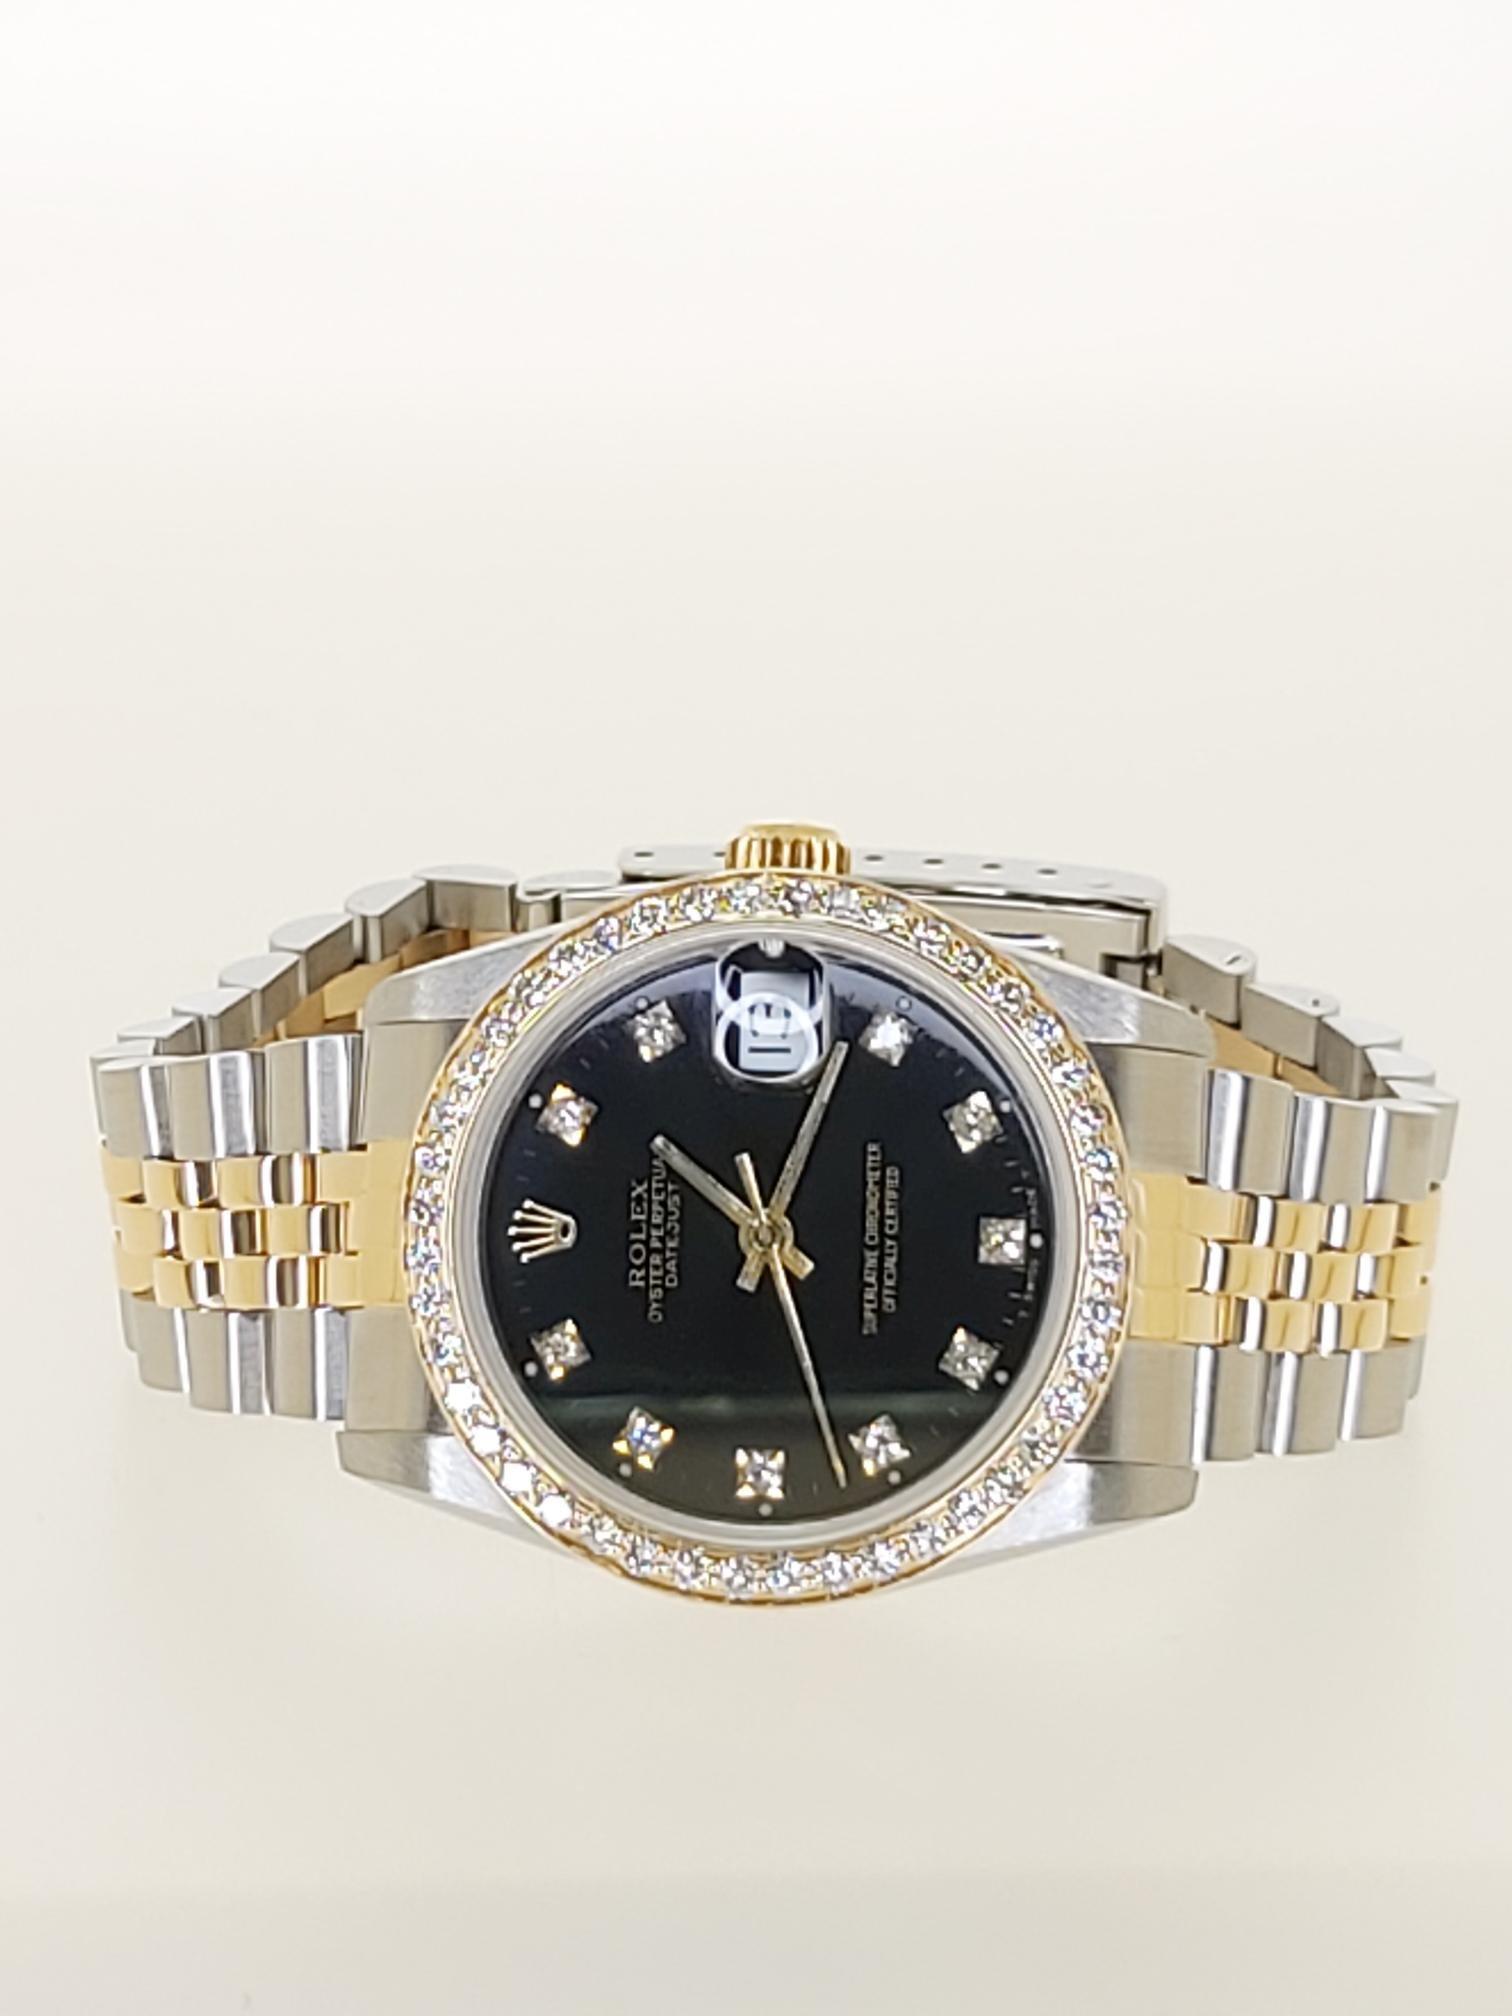 【益成當鋪】流當品 黃白ROLEX 半金68273型勞力士鑽錶 稀有中型黑面